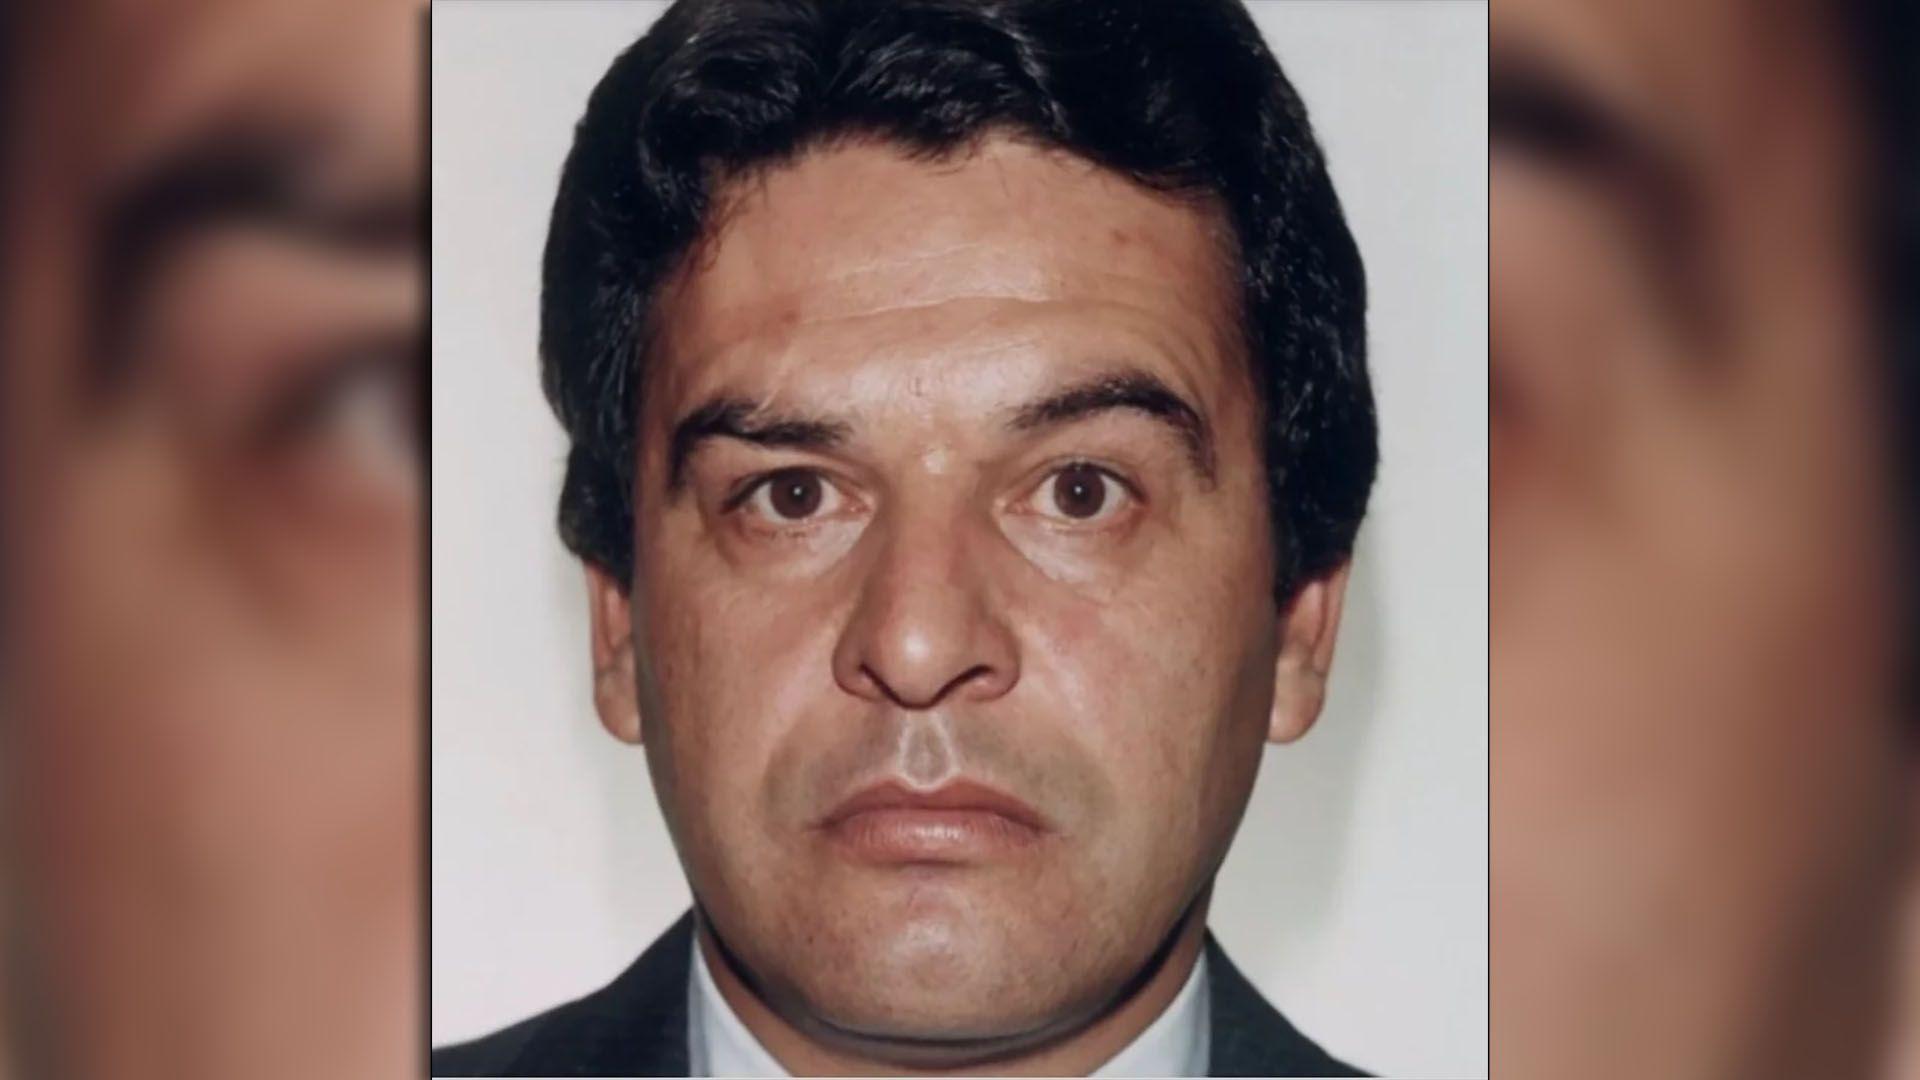 Enrique Kiki Camarena  (www.dea.gov)